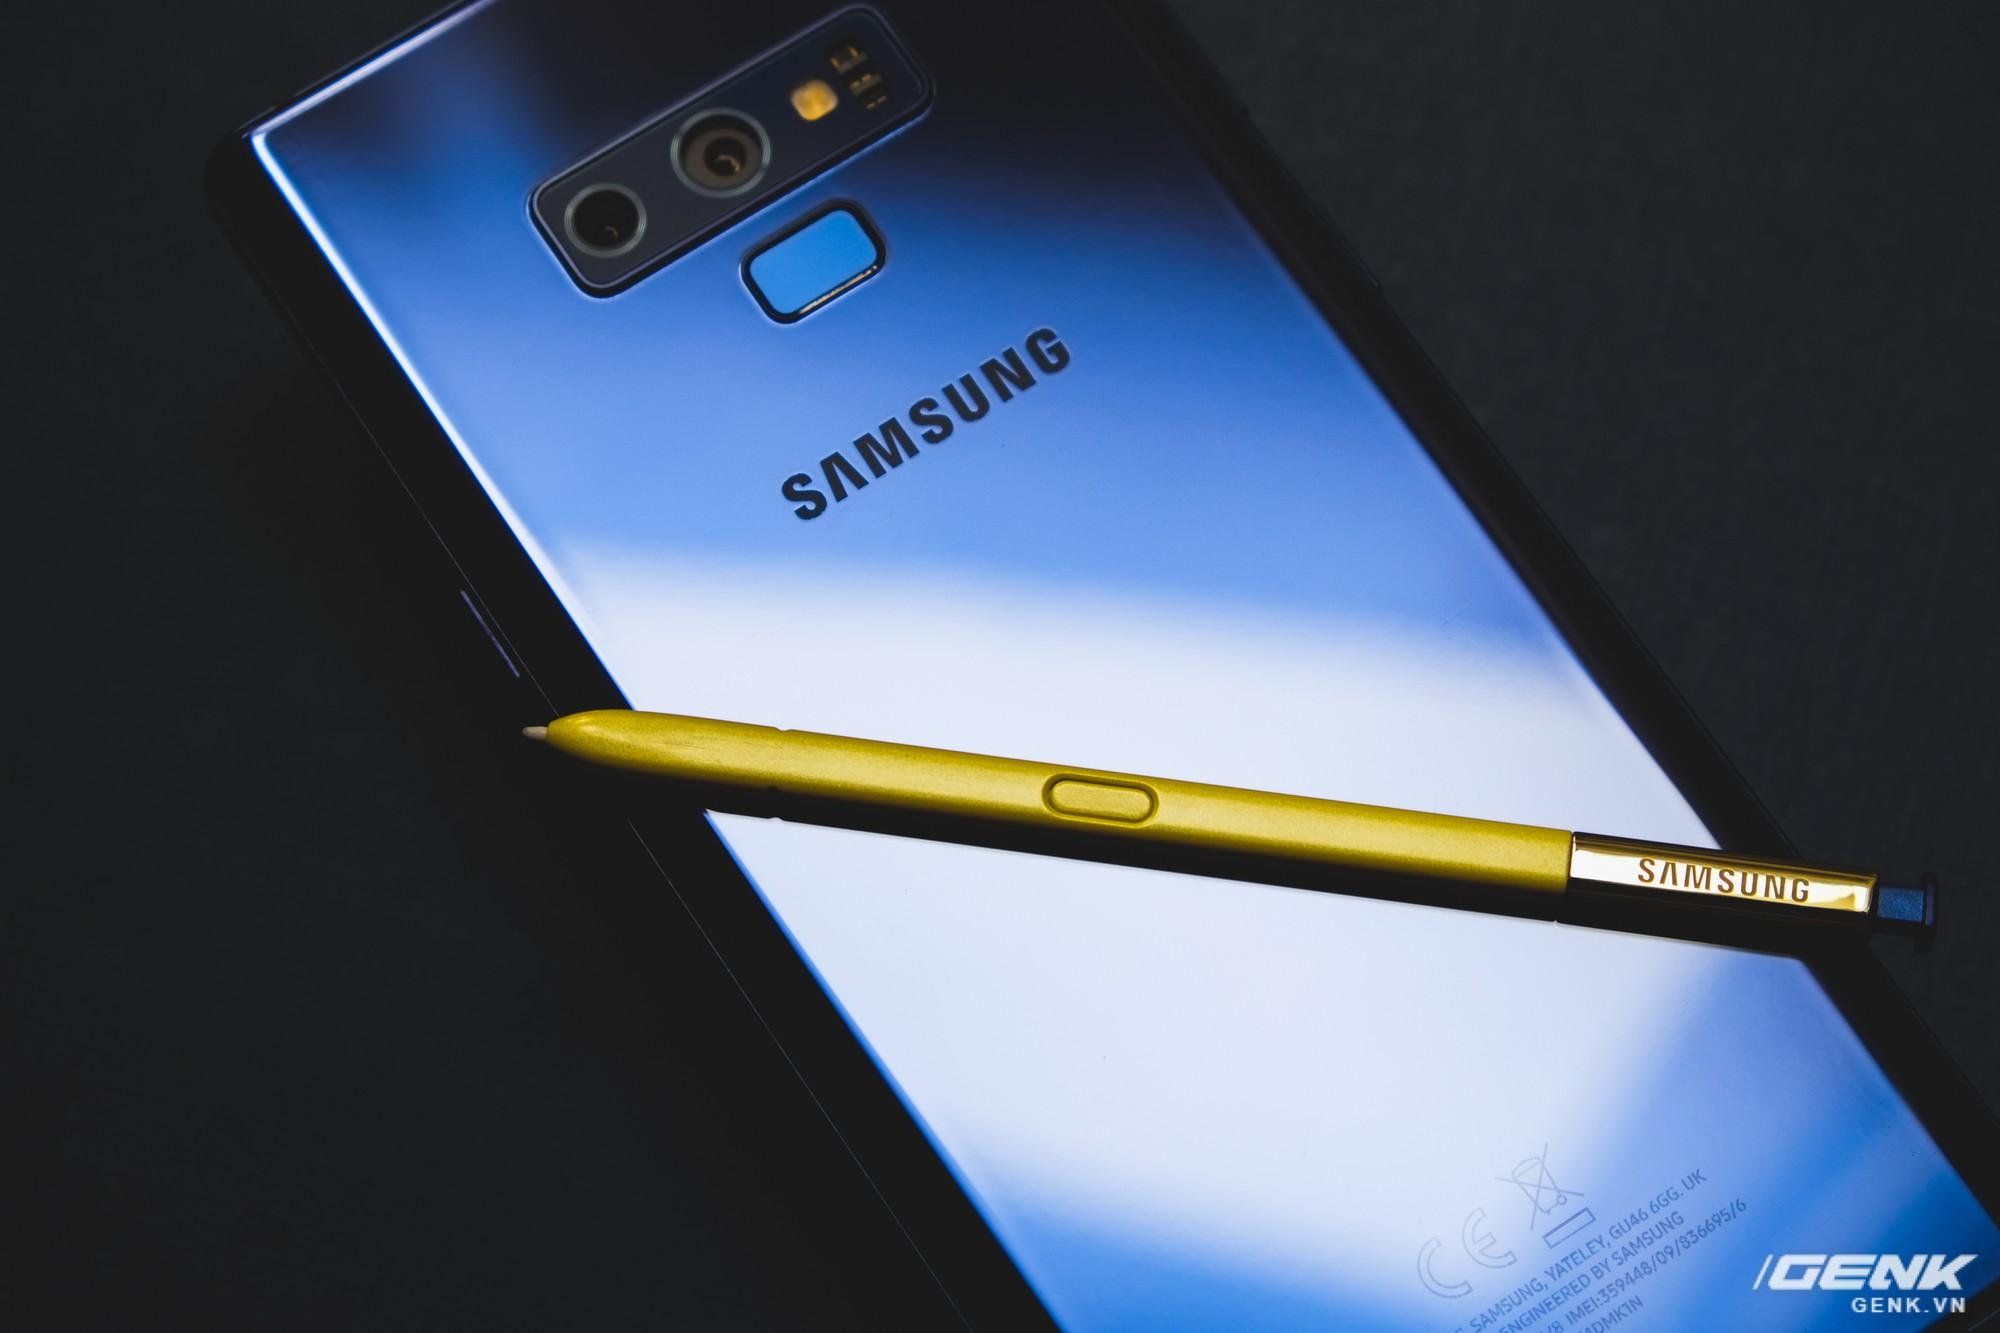 Đánh giá Galaxy Note9 dưới góc độ một người dùng iPhone - Ảnh 53.